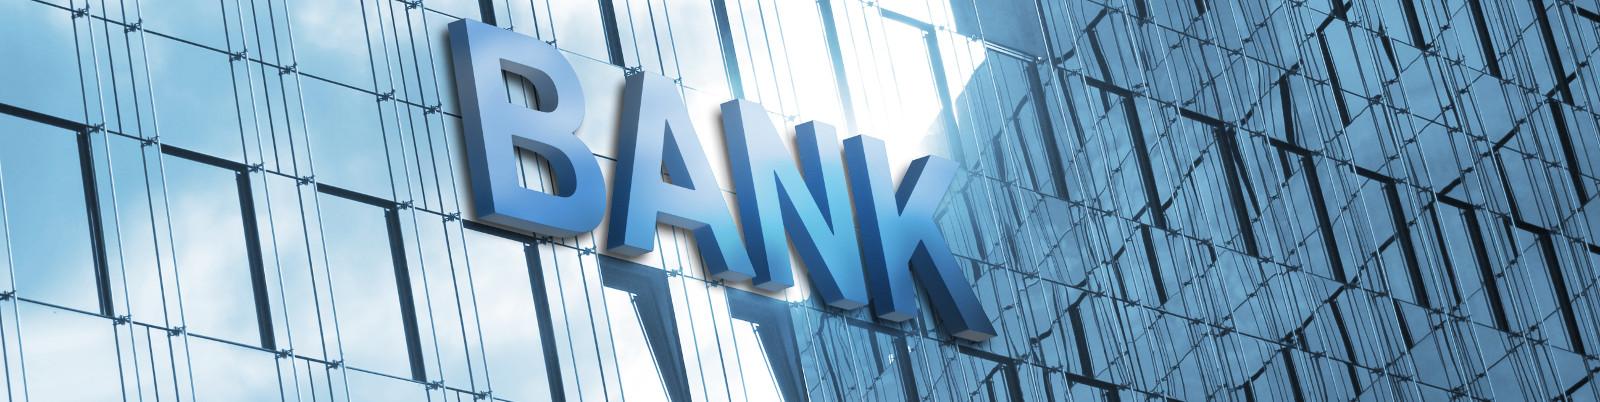 bankbillede_1600x400px_b